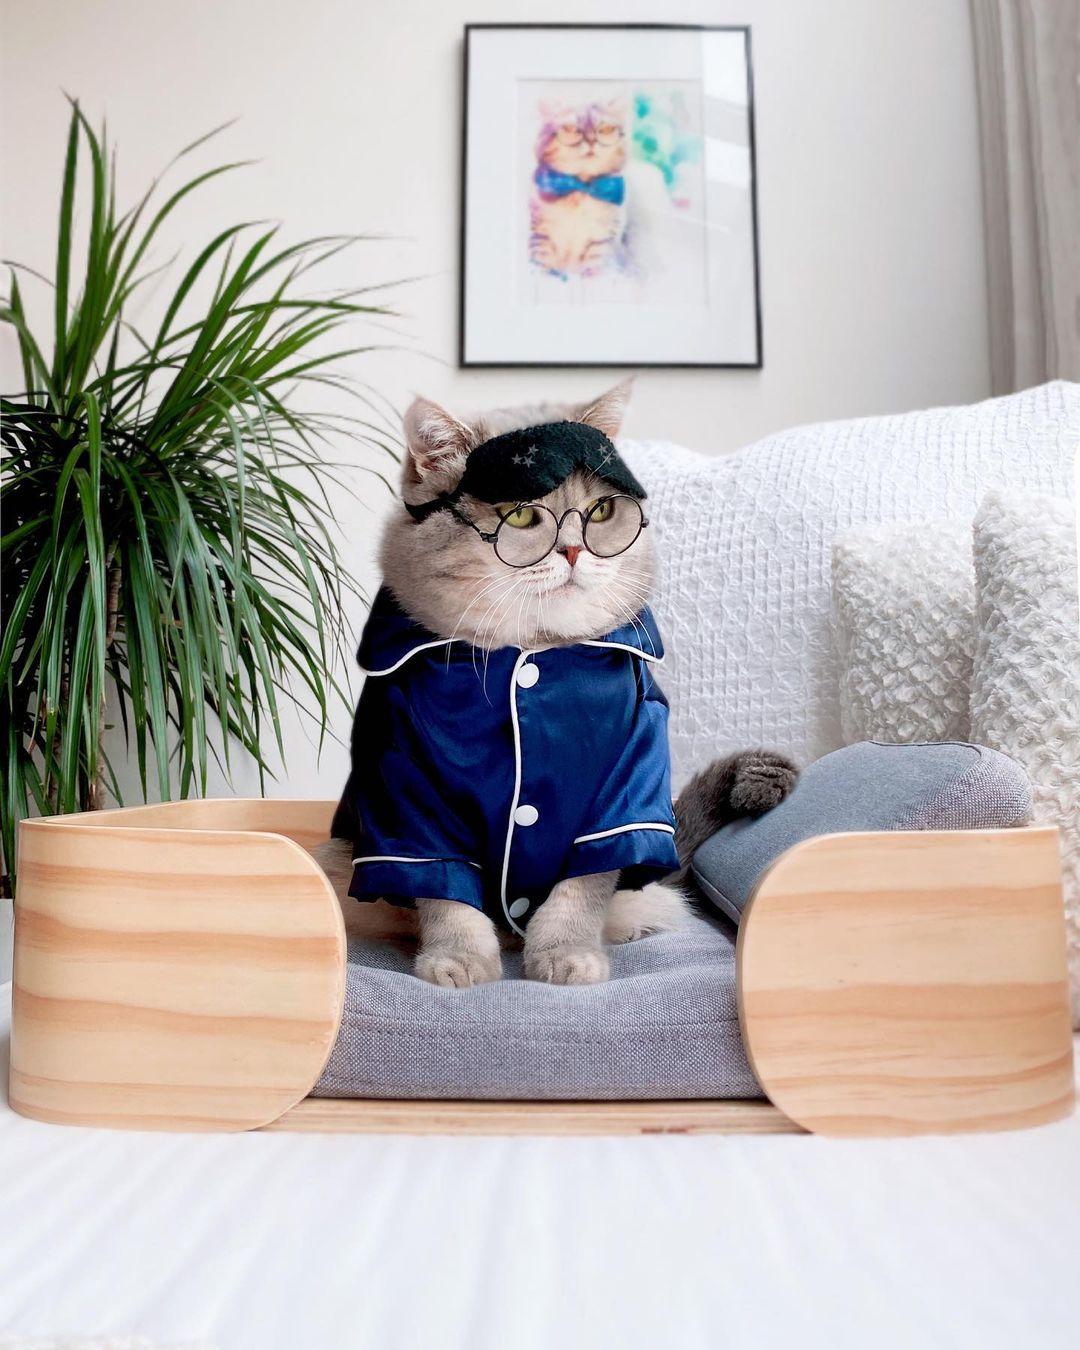 Chú mèo này được sen chuẩn bị cho cả tủ đồ, với mẫu mã, chất liệu phong phú, đi kèm các phụ kiện tông xuyệt tông.